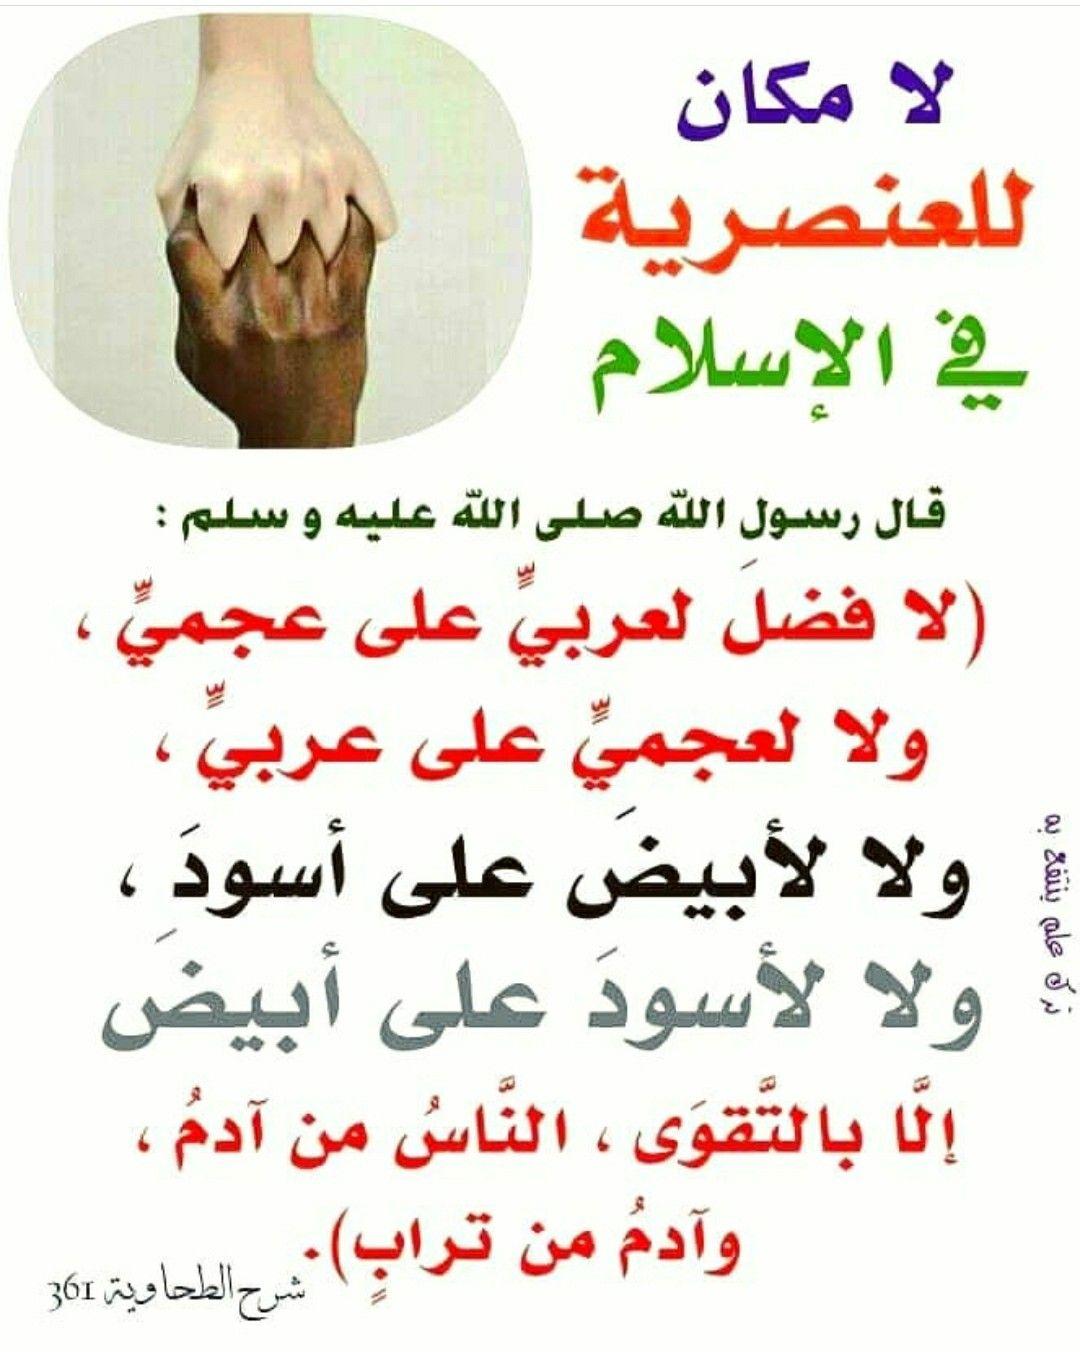 أحاديث الرسول صلى الله عليه وسلم المساواة بين الناس Quran Quotes Islamic Quotes Quotes